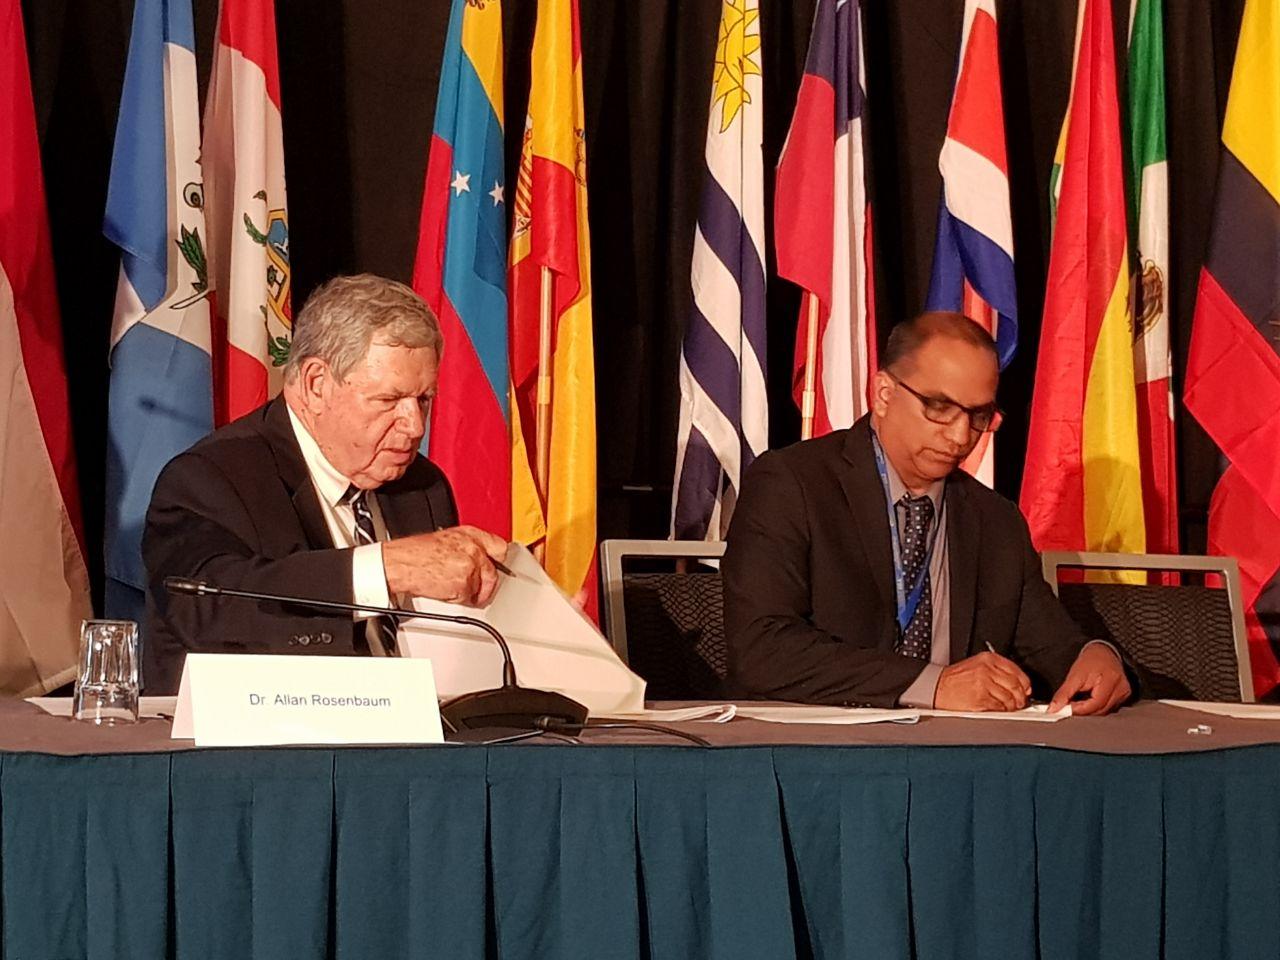 ICAP incrementa su capacidad formativa en alianza con el FIU